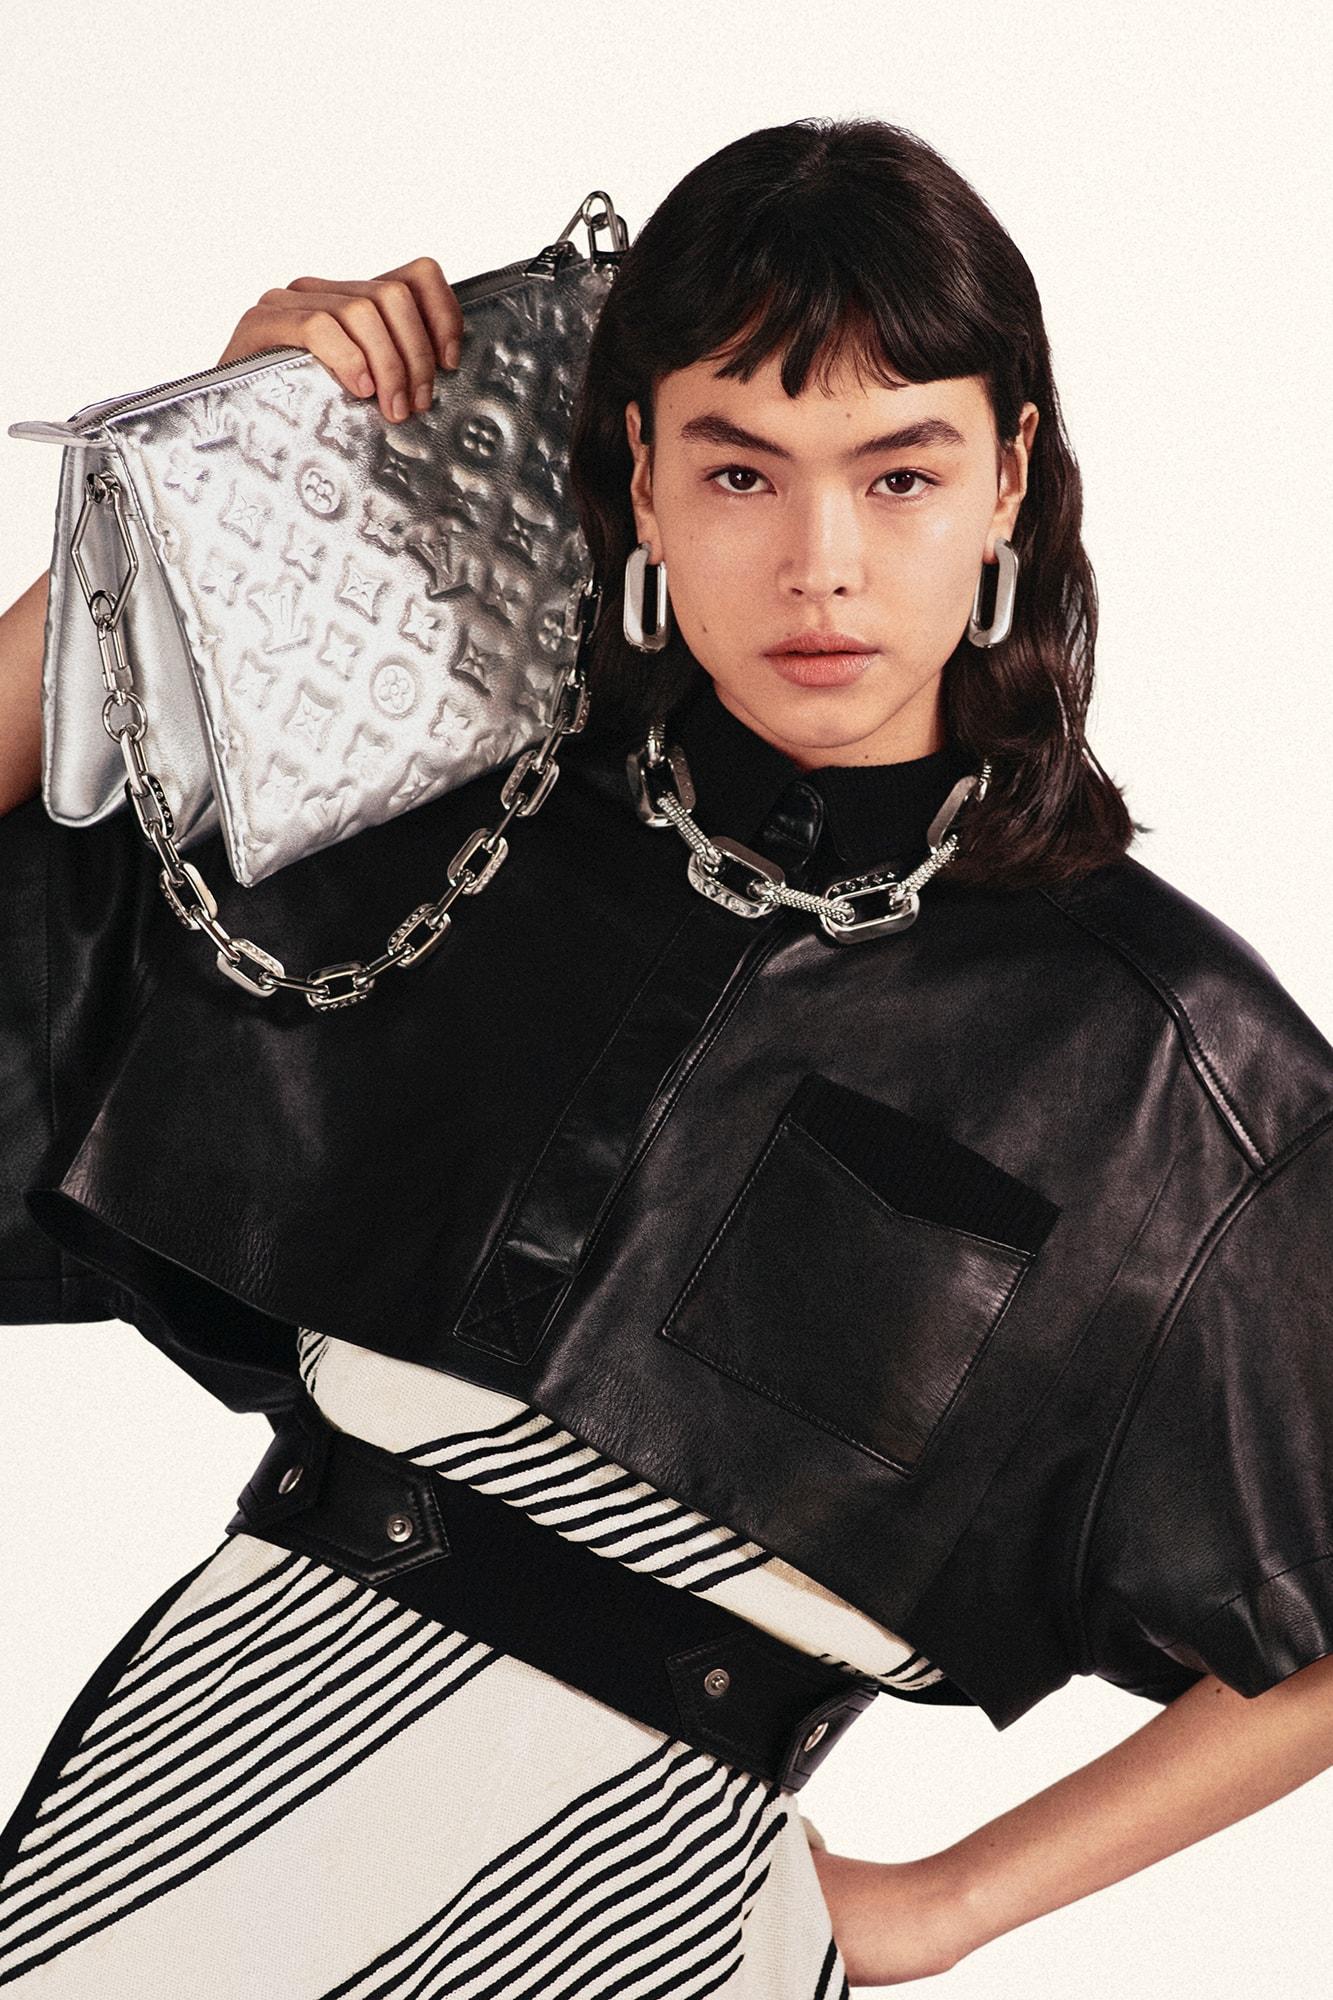 Louis Vuitton Pillow Bag Colorways Release Colorways Chain Bag Purse Le Coussin